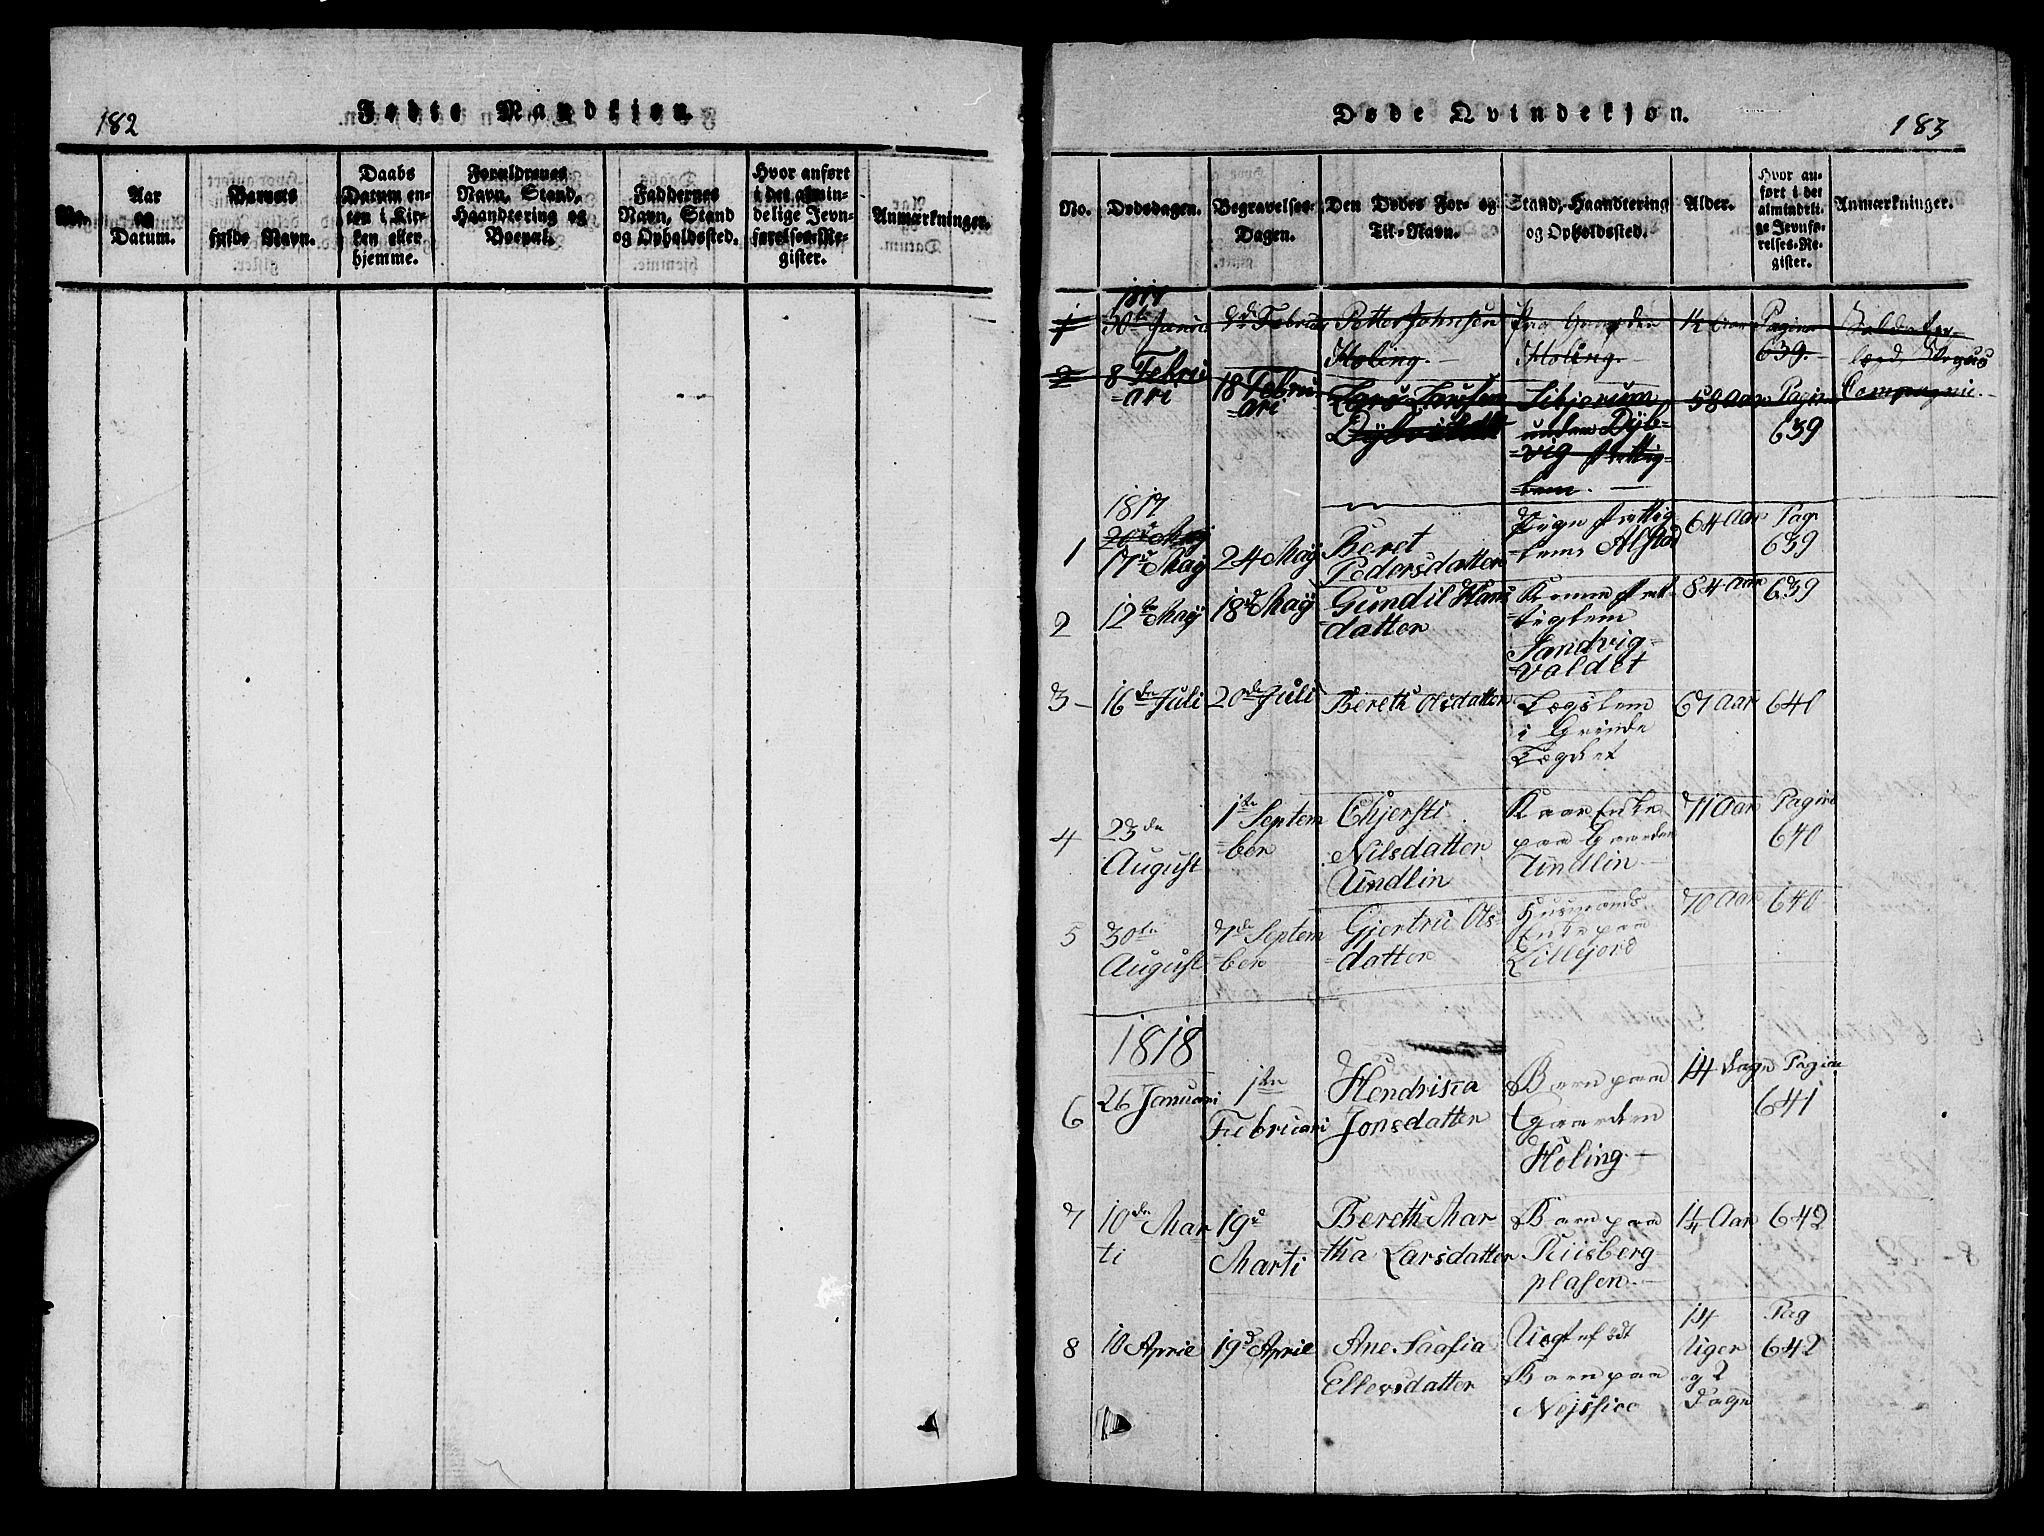 SAT, Ministerialprotokoller, klokkerbøker og fødselsregistre - Nord-Trøndelag, 714/L0132: Klokkerbok nr. 714C01, 1817-1824, s. 182-183